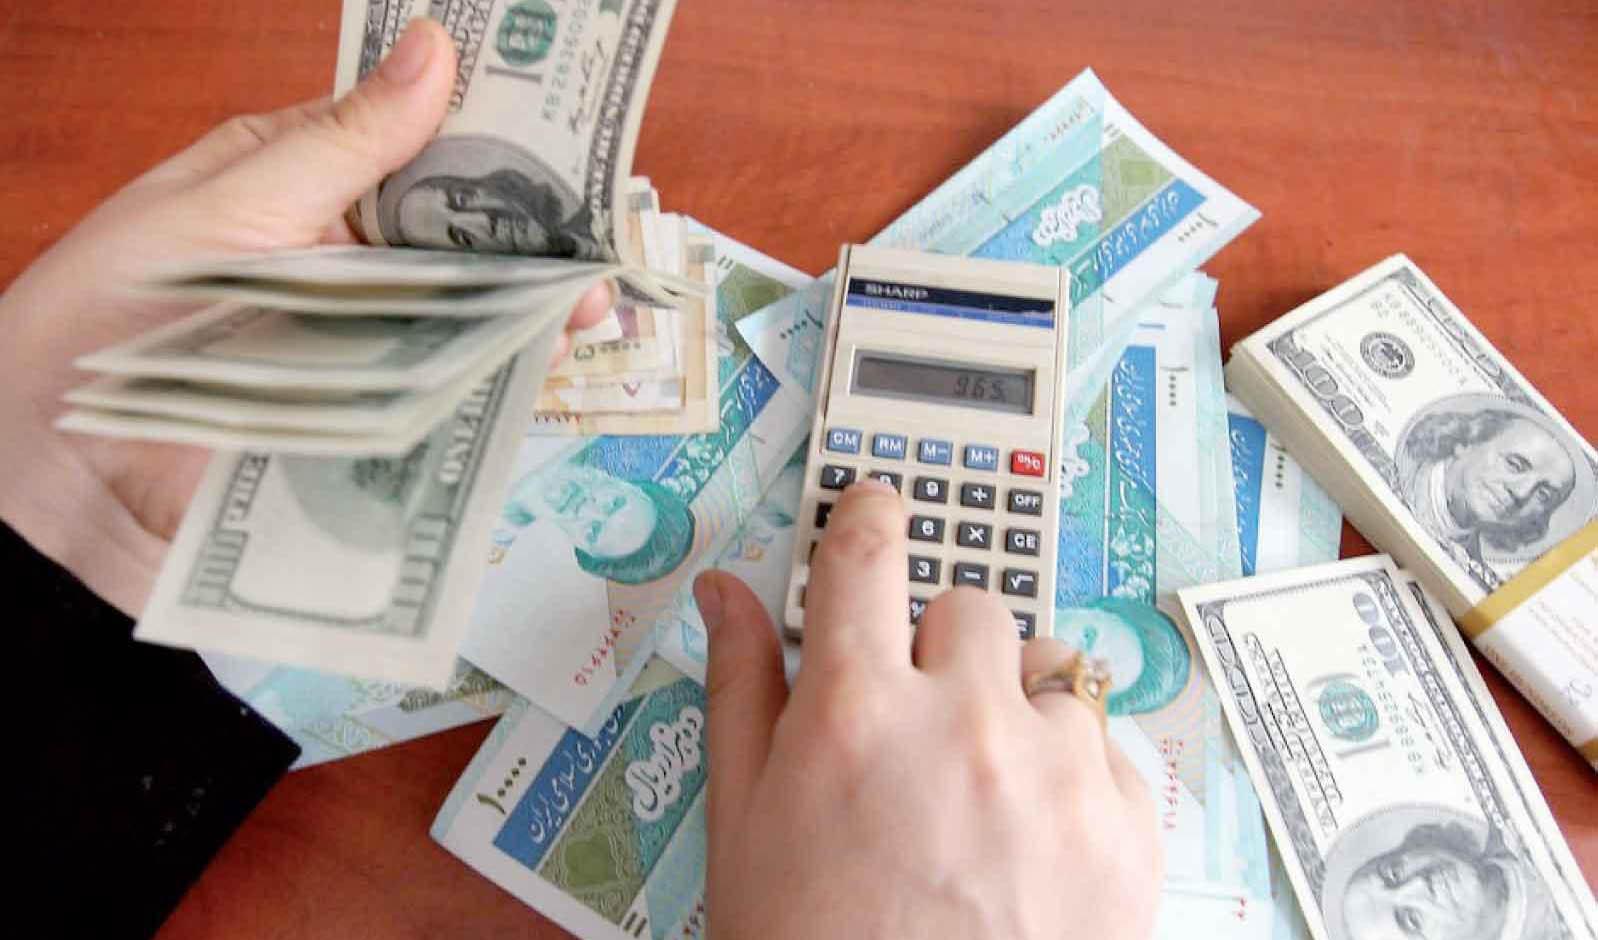 سپردهگذاری ارزی در بانک ها ، قاونمند می شود؟